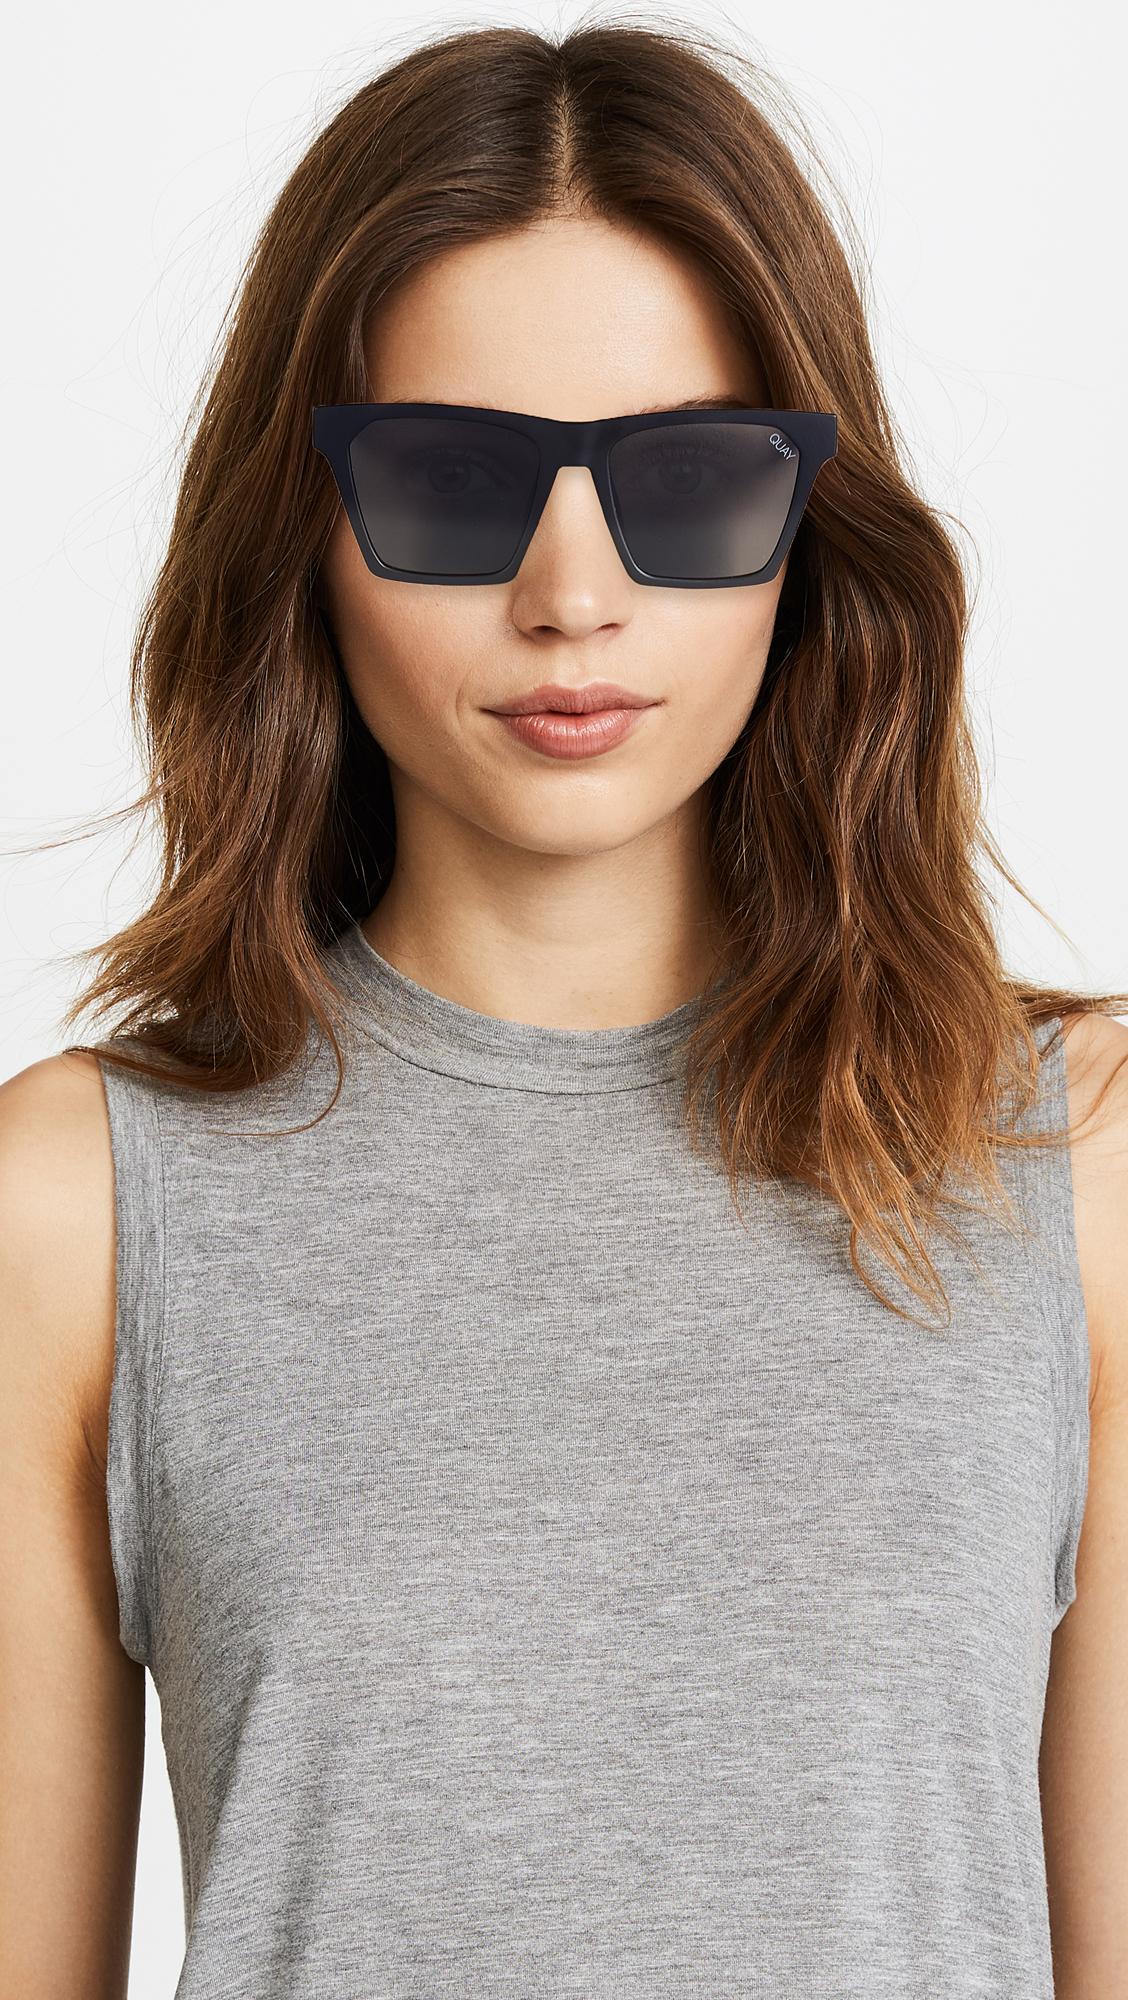 f9e95ba16c Quay Alright Sunglasses